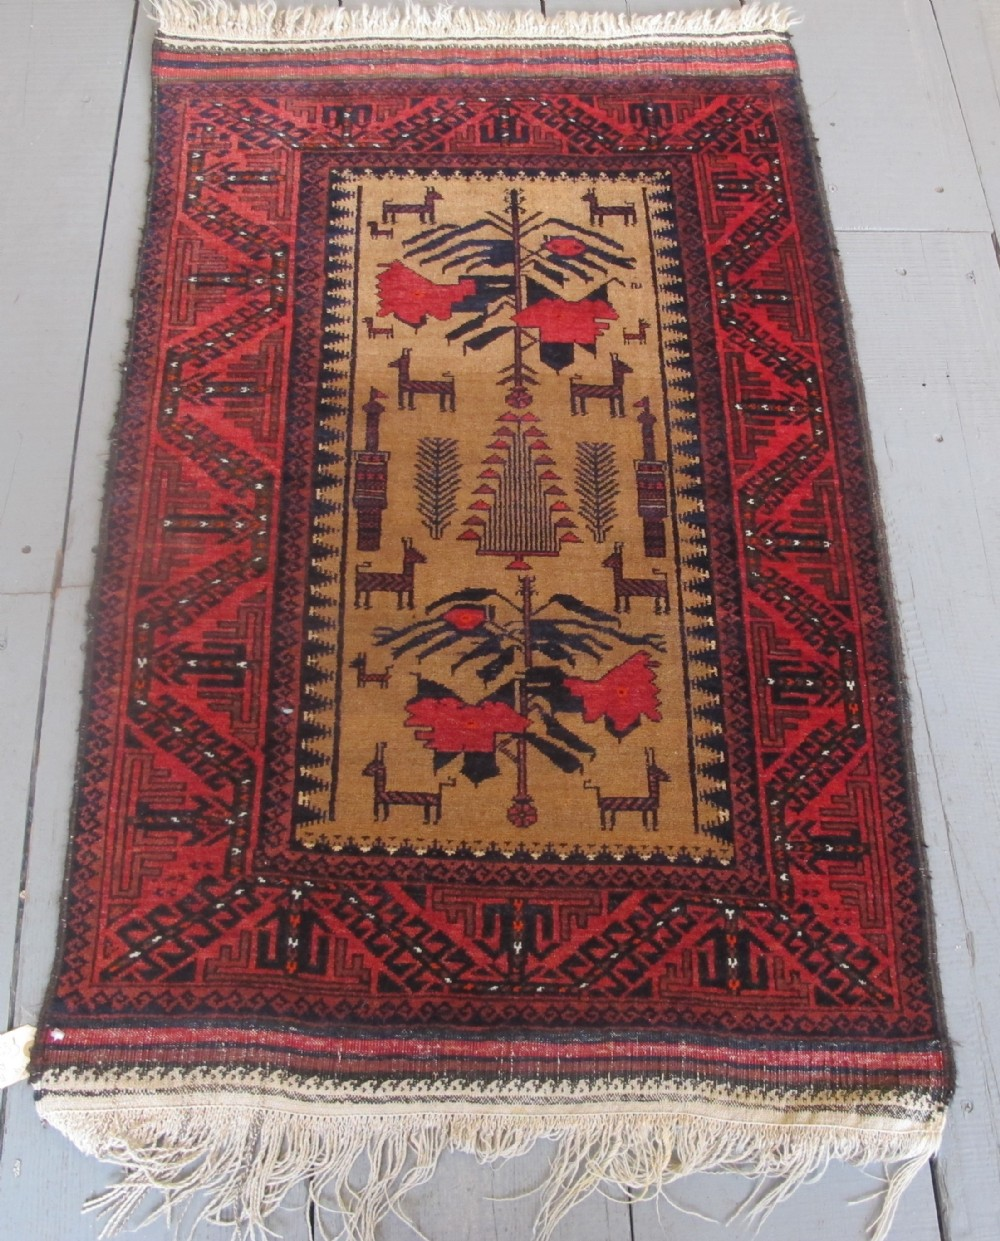 fine belouch rug 122m x 077m 4' x 26